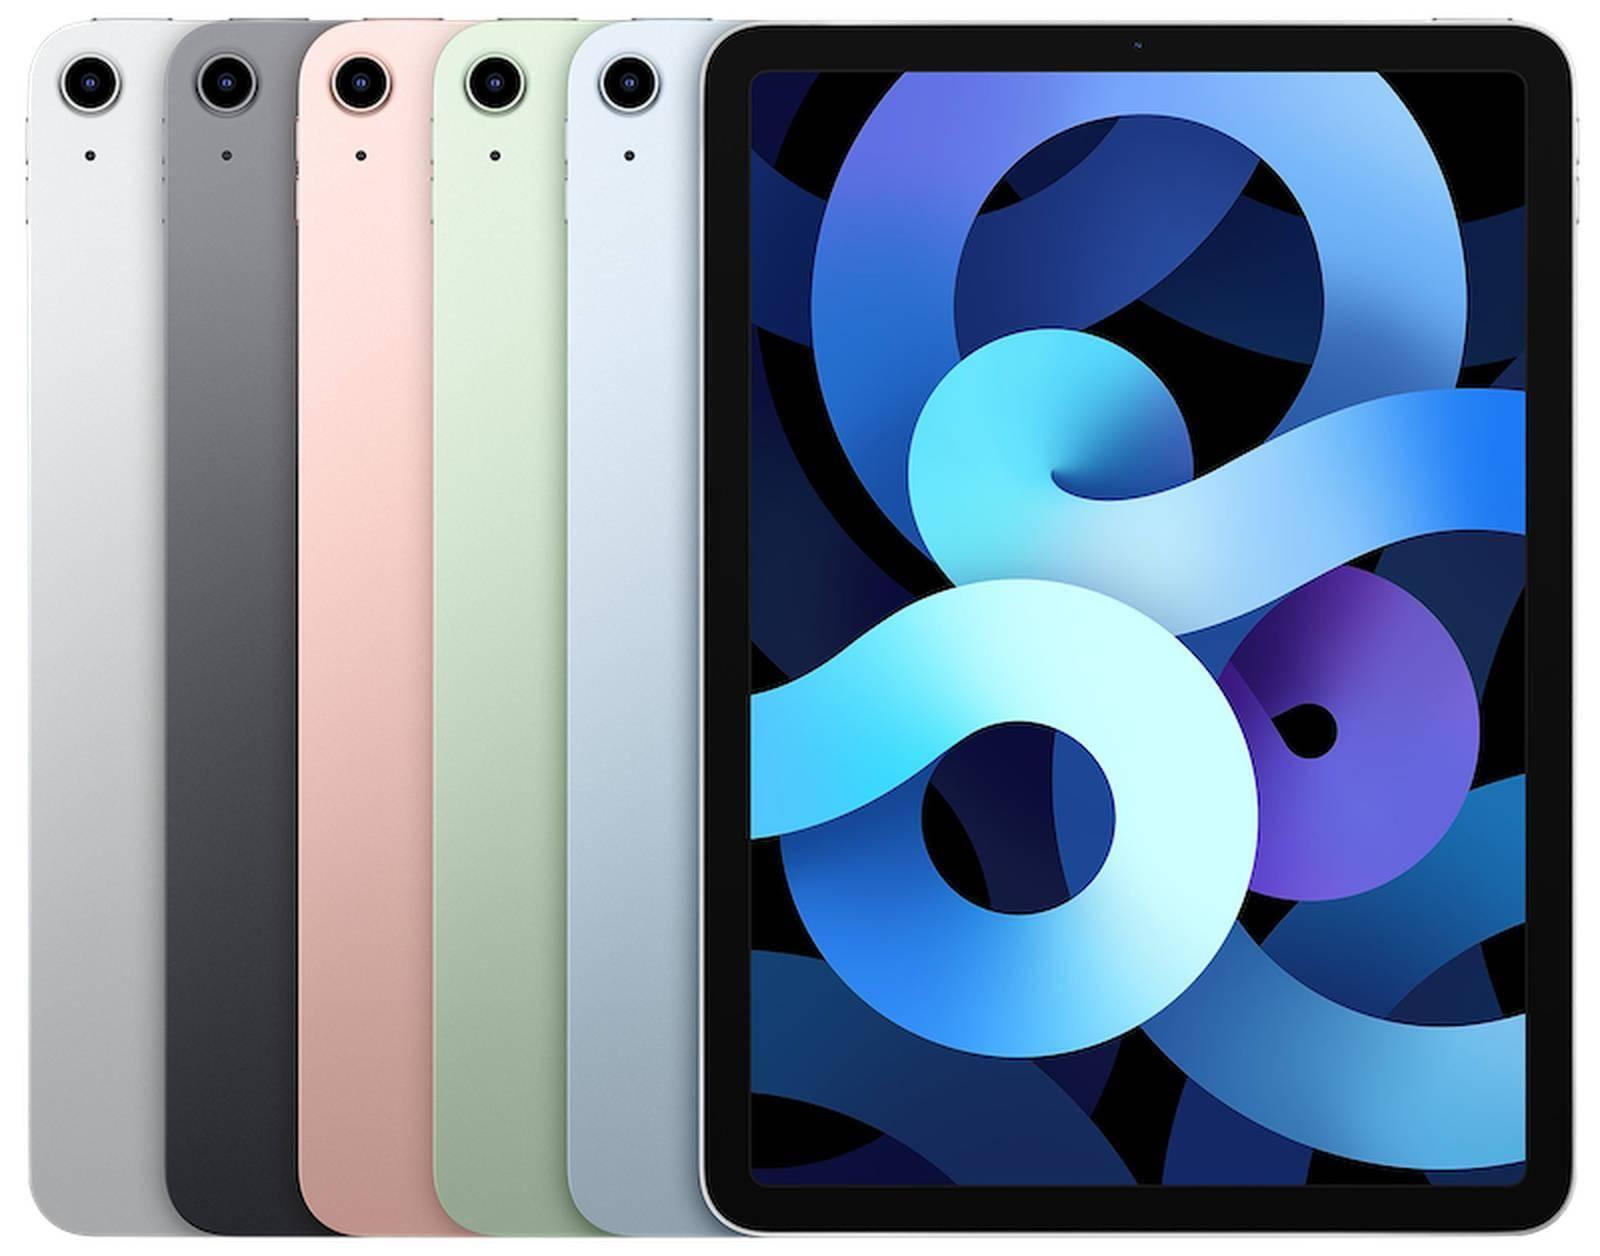 新款iPad Air也已经正式开启预订:最快10月23日送达